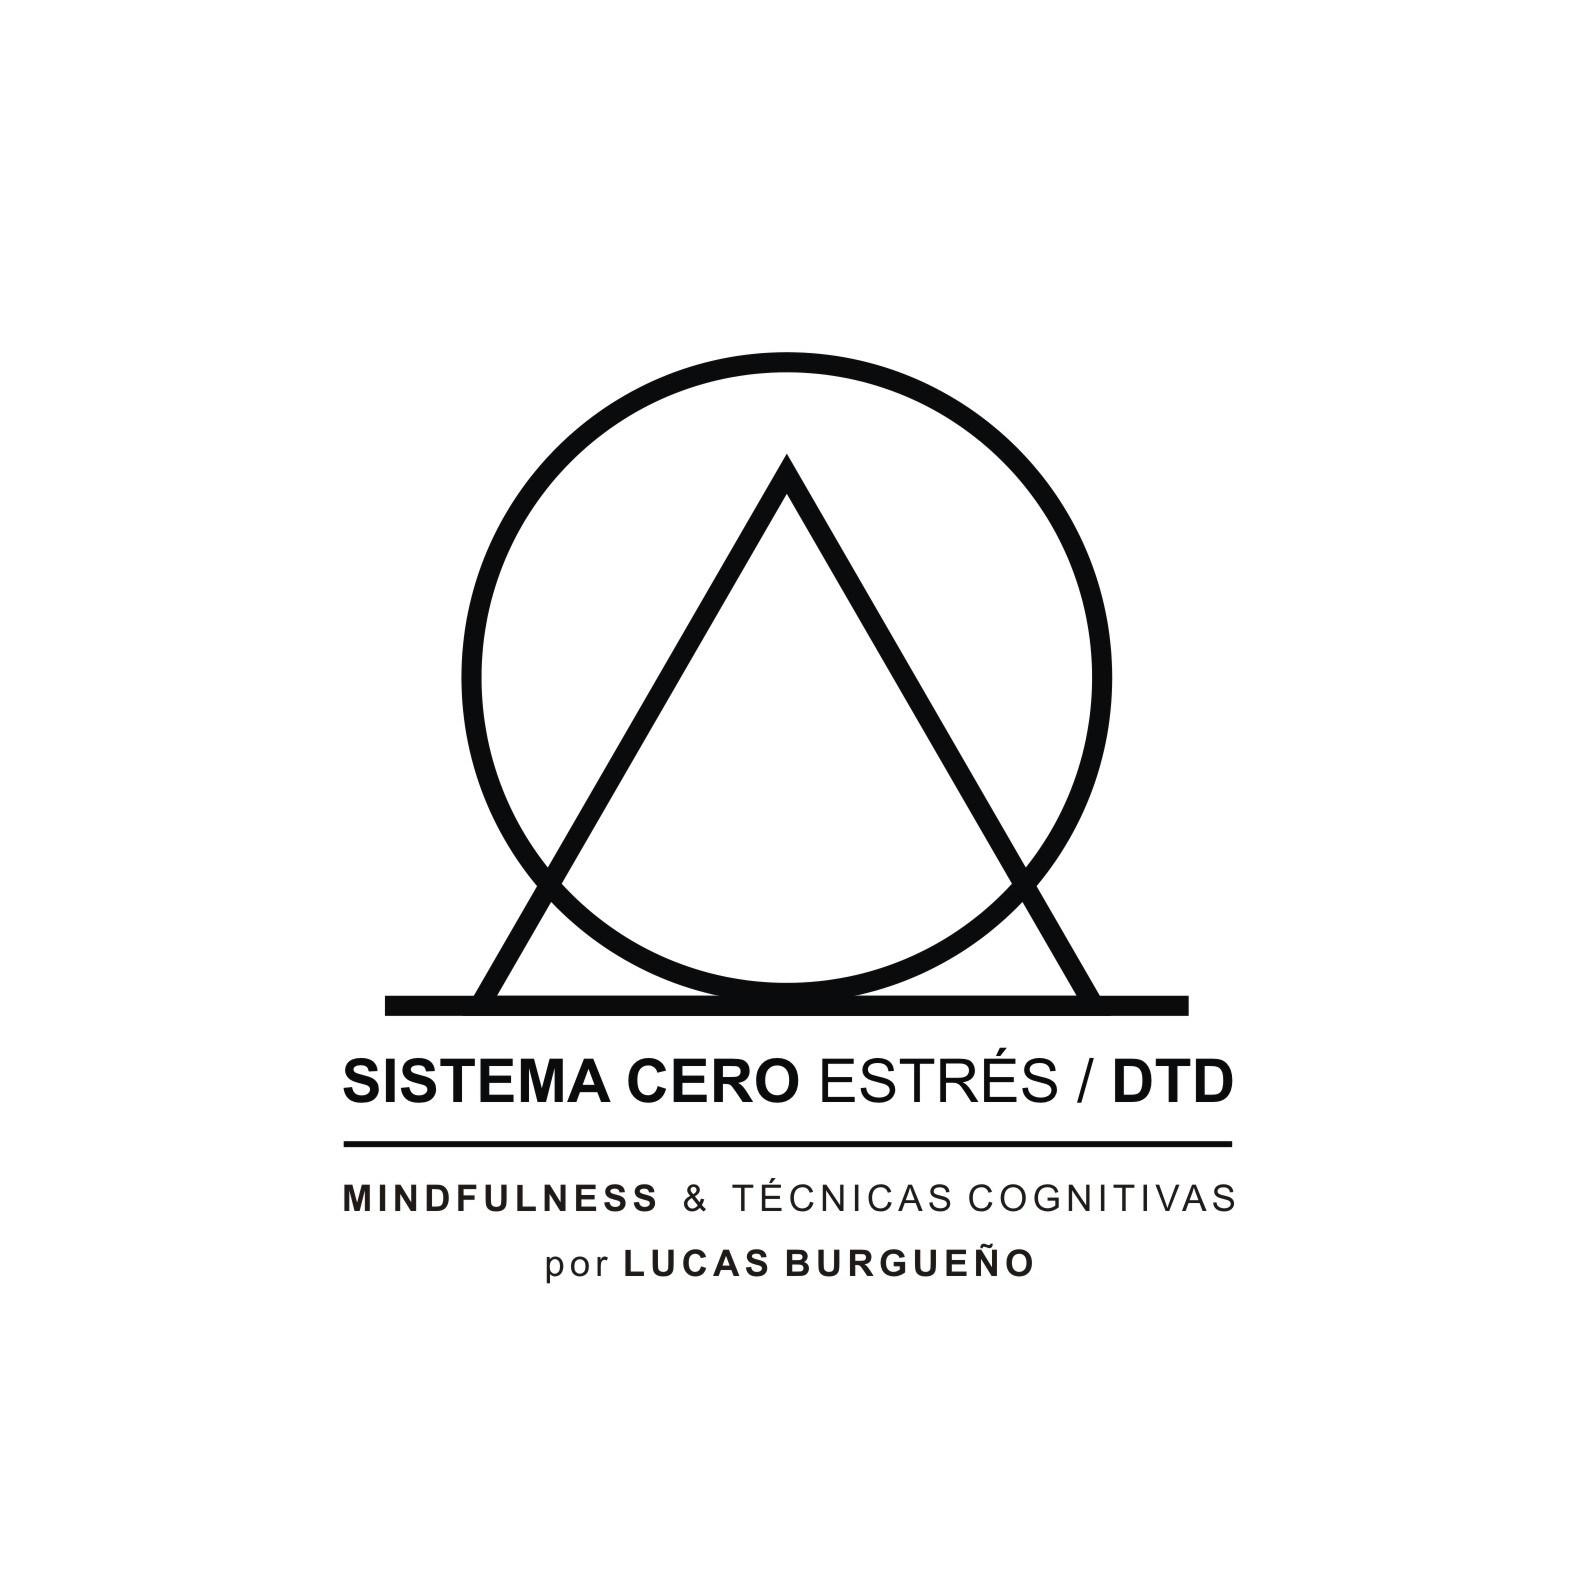 sistema-cero-estres-dtd-lucas-mindfulness